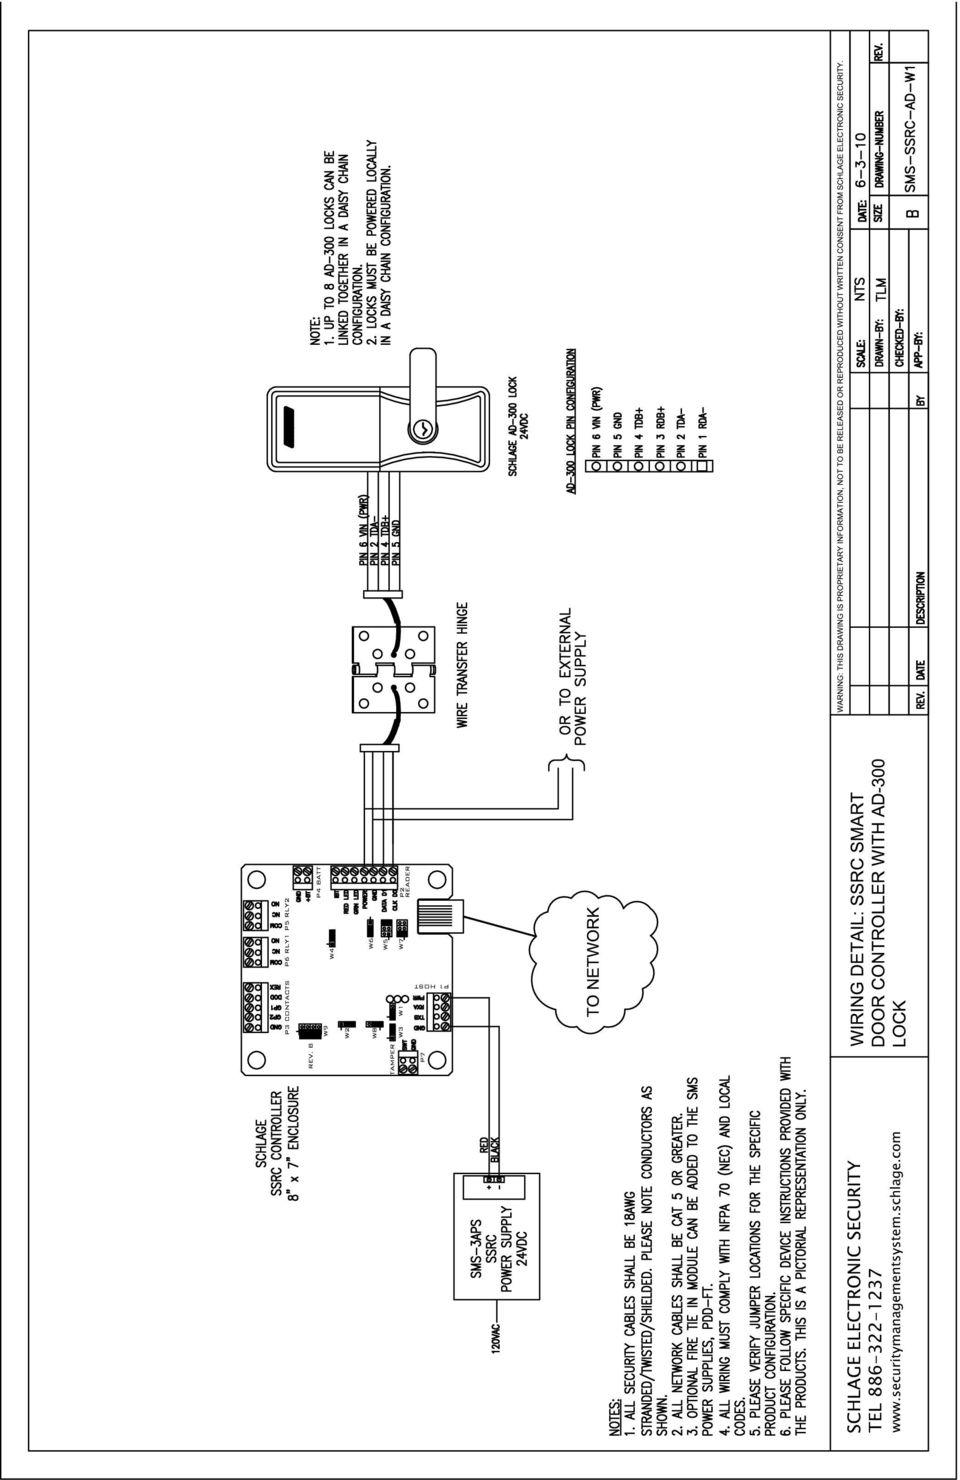 hight resolution of wiring schlage diagram 405xasrb wiring diagram article review schlage fa 900 wiring diagram wiring diagram autovehicleschlage